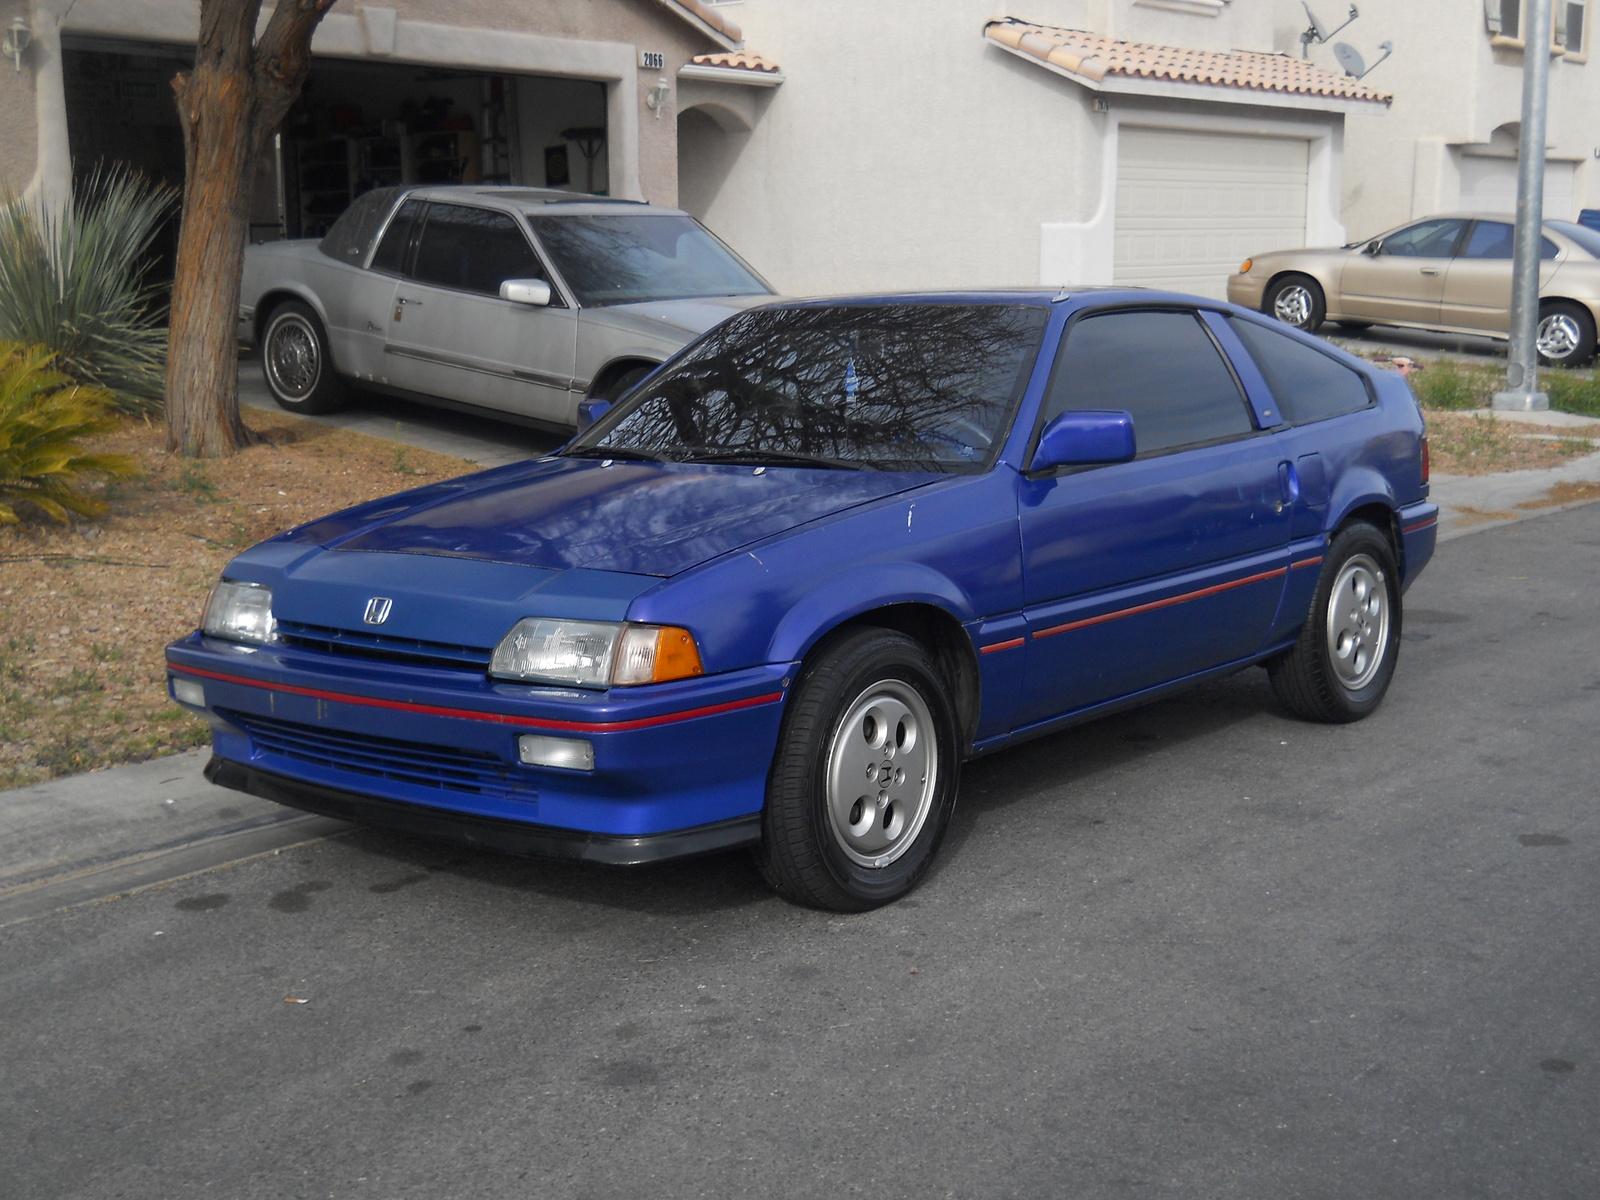 1987 Honda Civic Crx Pictures Cargurus